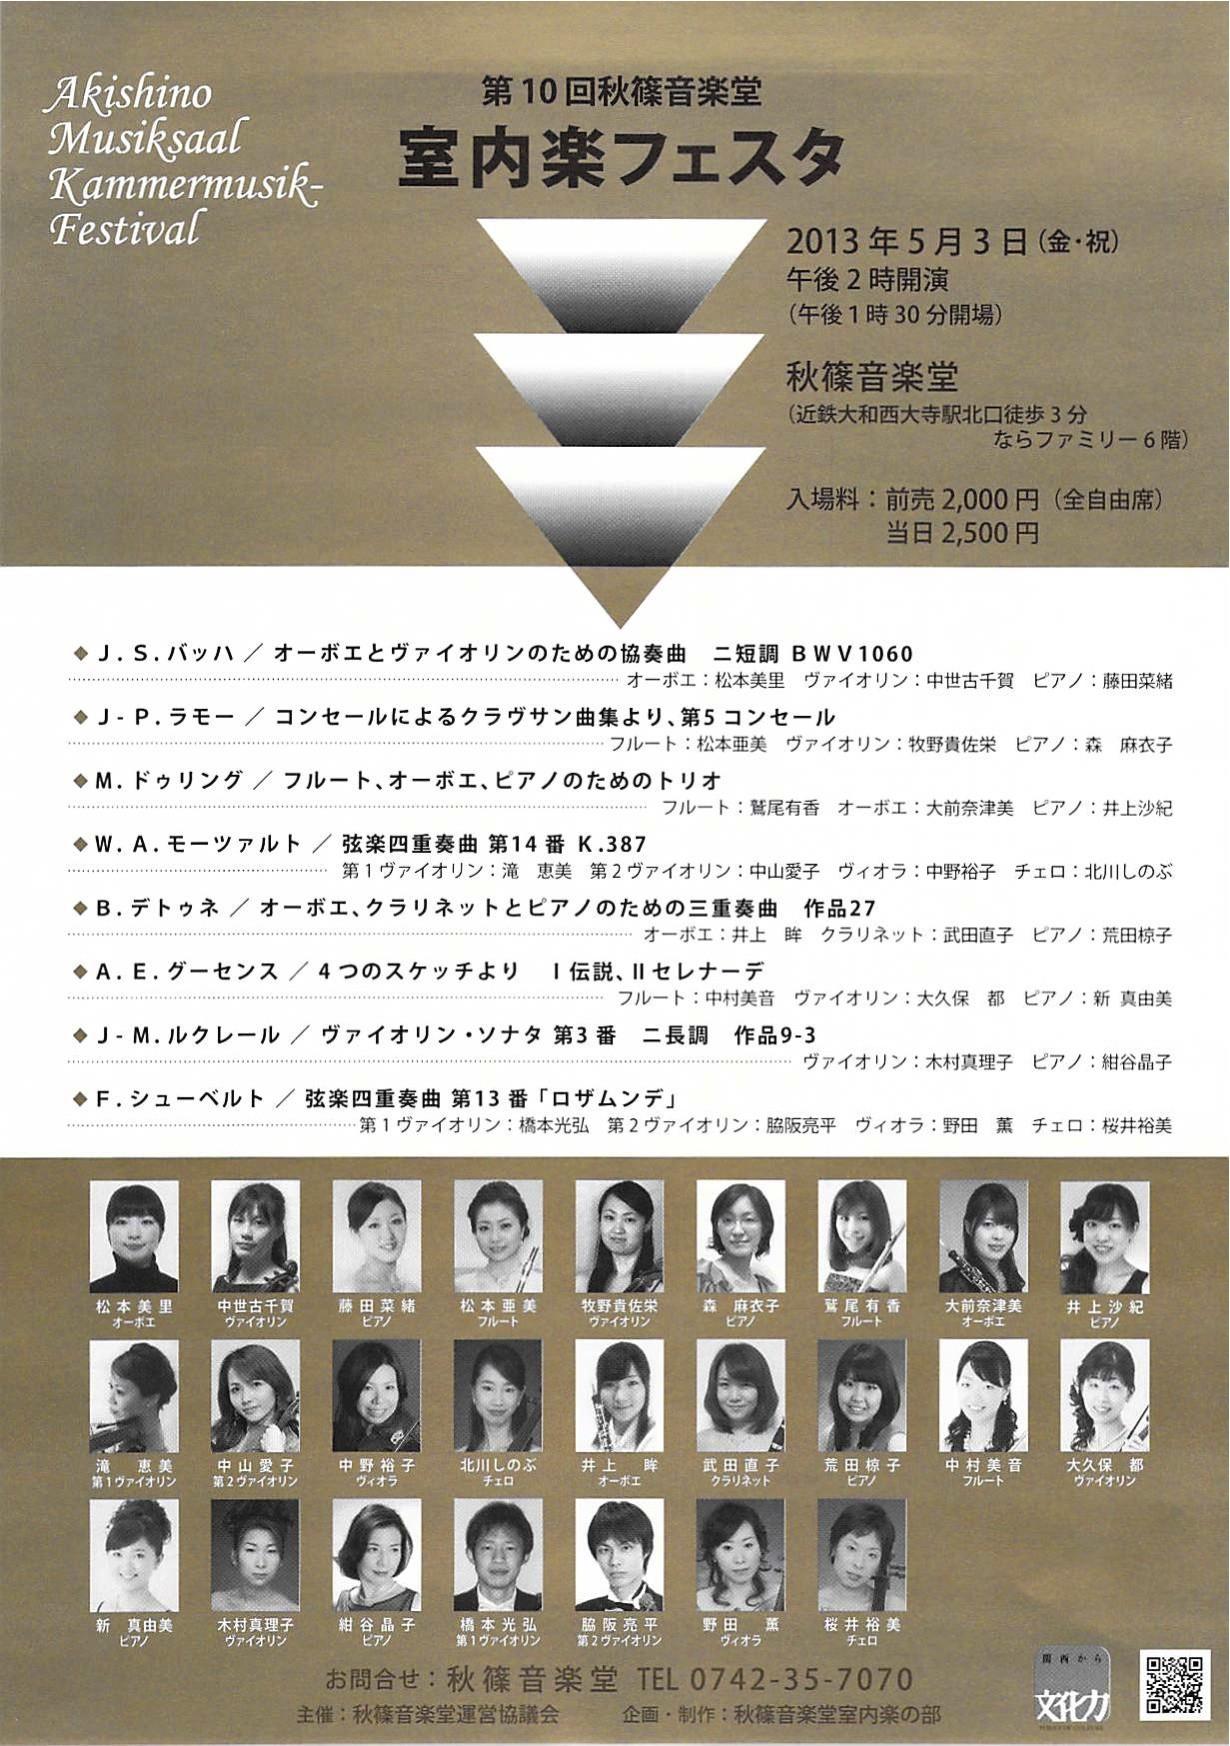 第10回秋篠室内楽フェスタチラシ